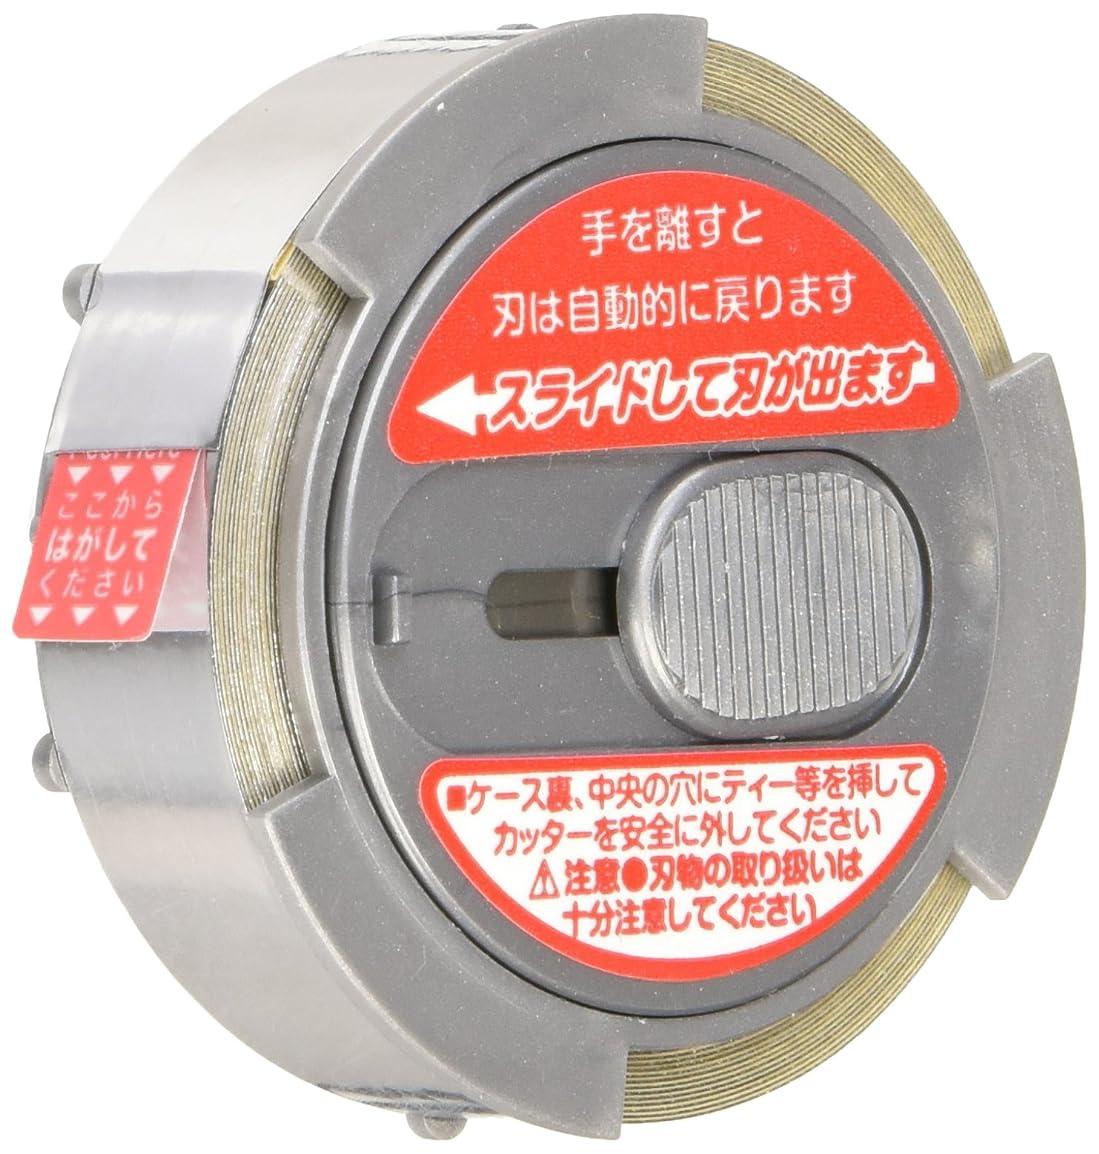 すでに鎮静剤刺激するライト G-137 バランスアップテ-プ40